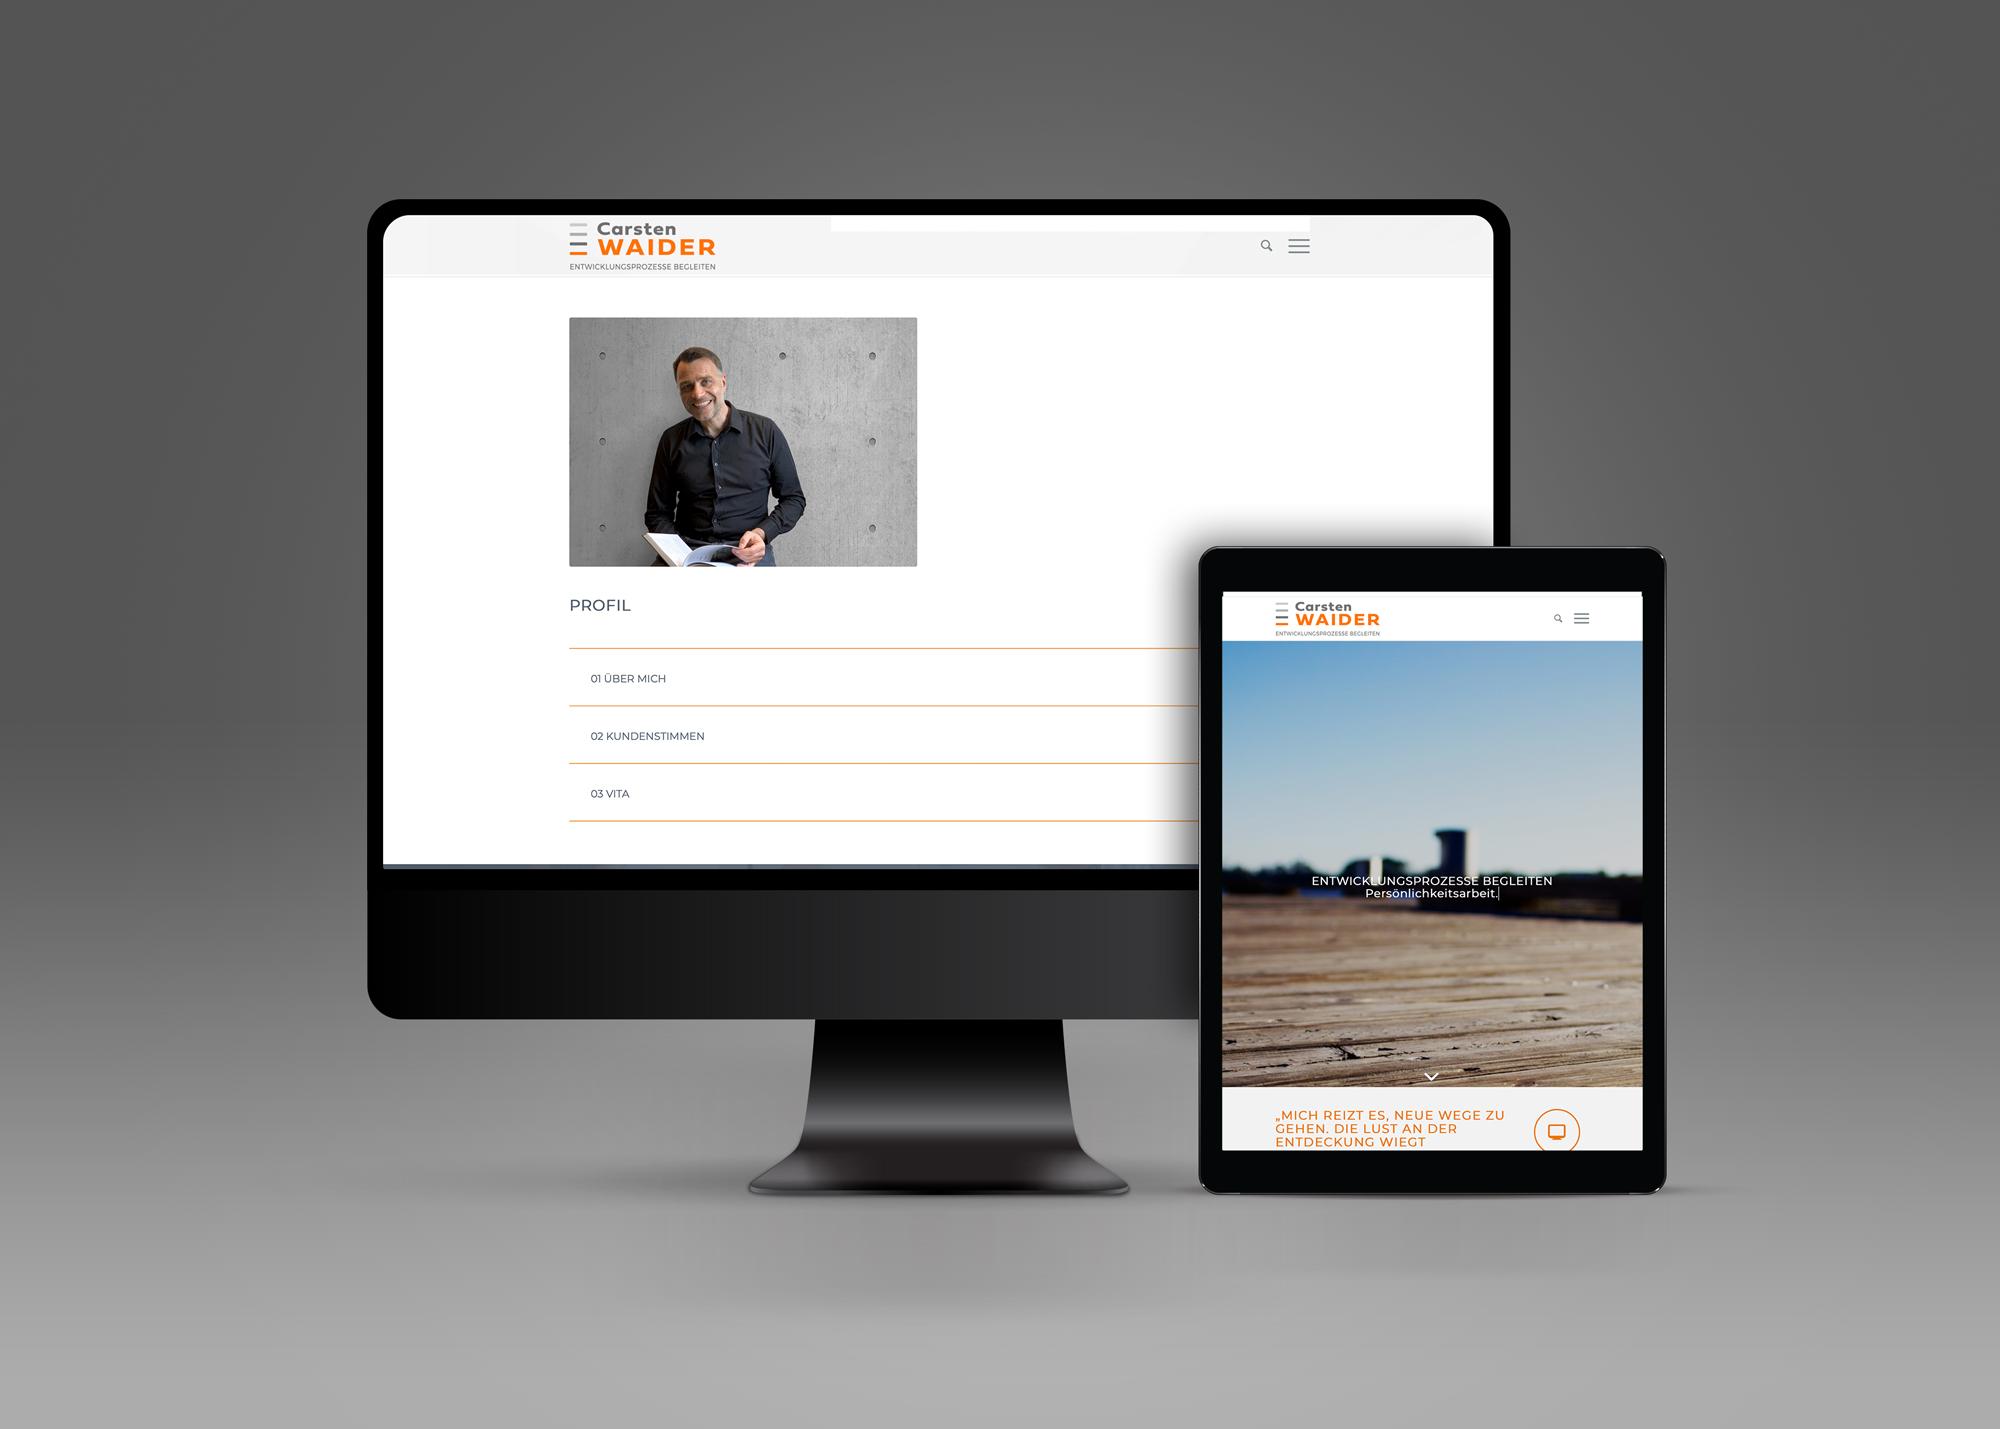 webdesign-corporate-design-carsten-waider